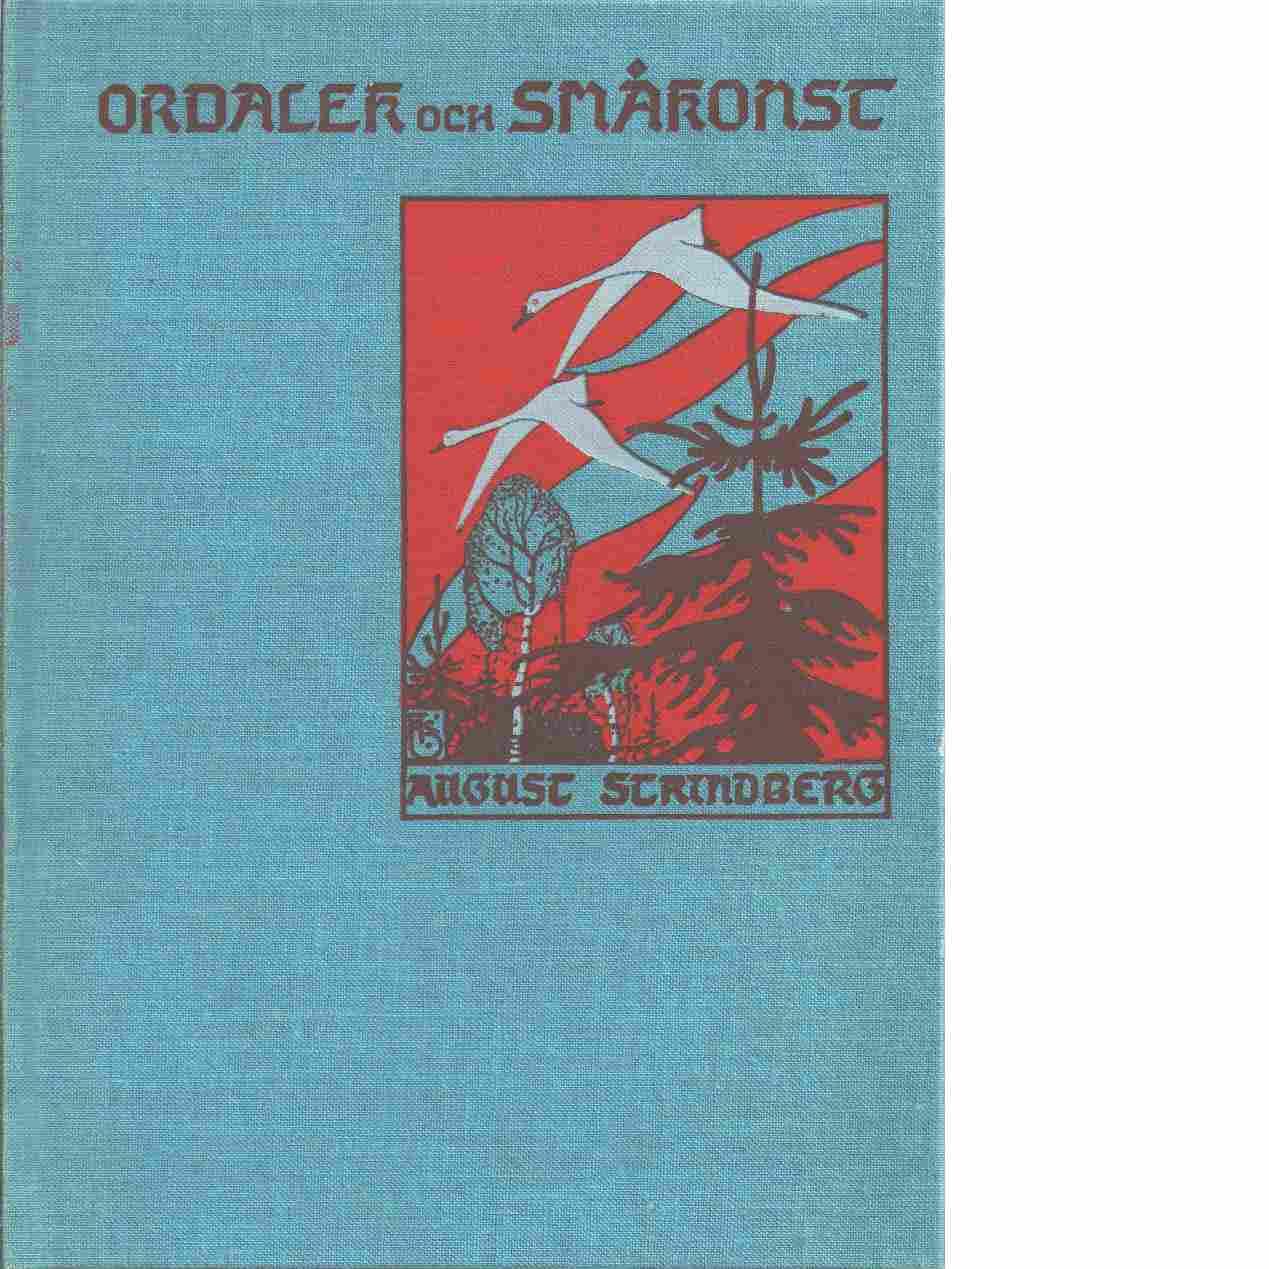 Ordalek och småkonst - Strindberg, August